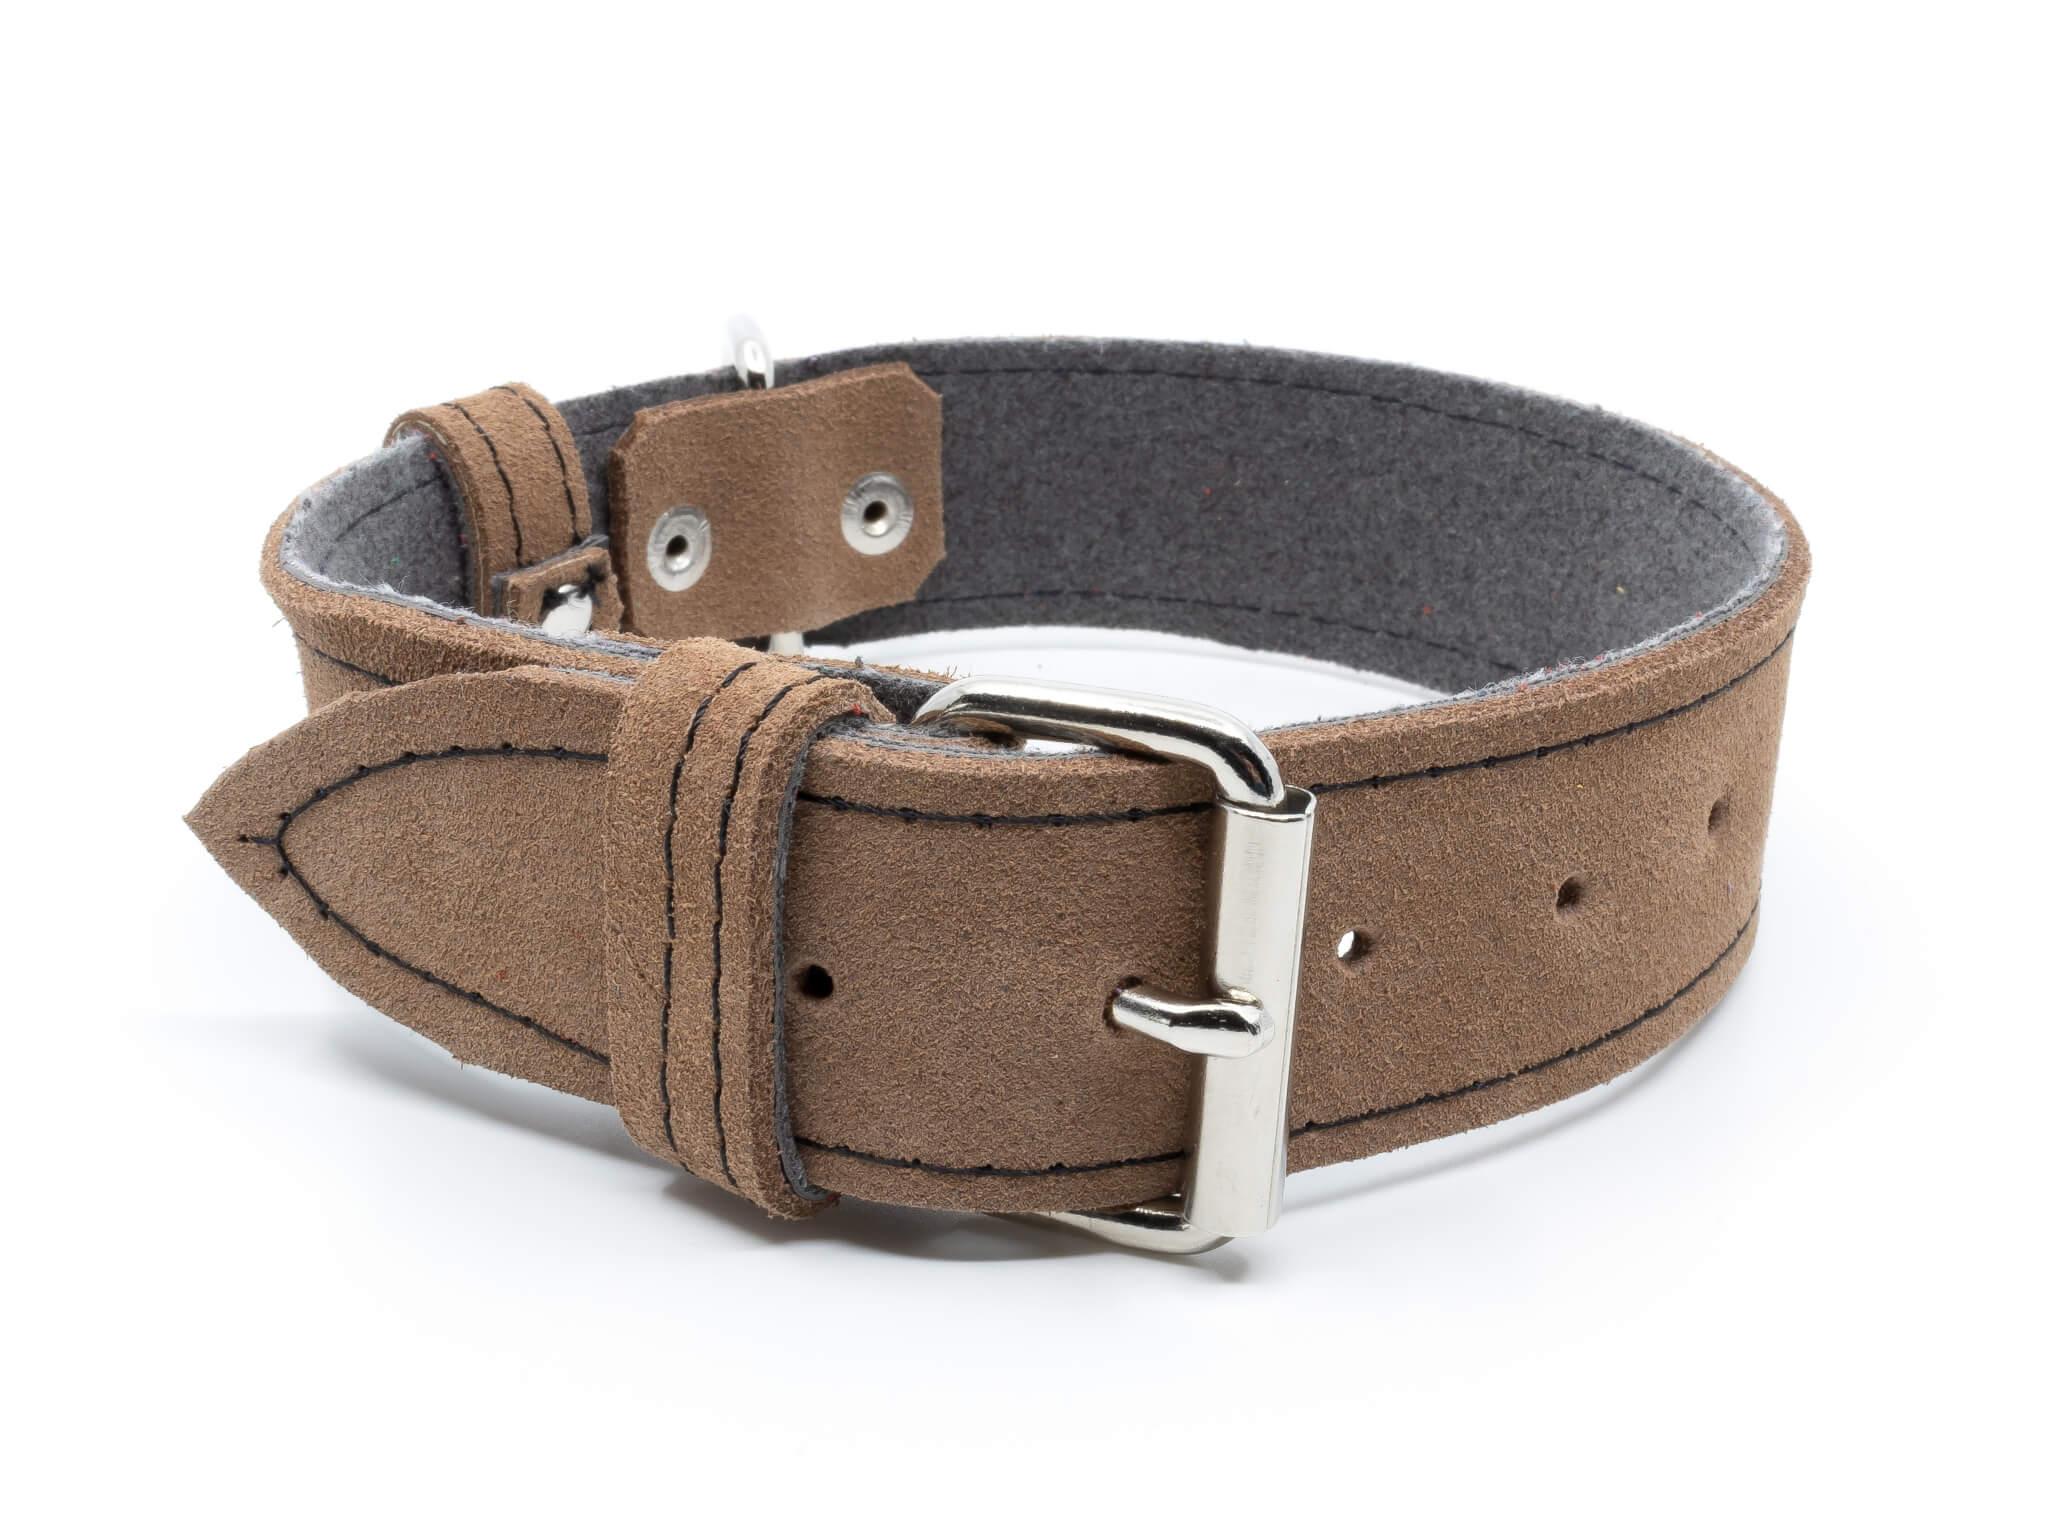 Palkar Velur kožený obojek pro psa | 16 – 46 cm Barva: Béžová, Obvod krku: 39 - 46,5 cm